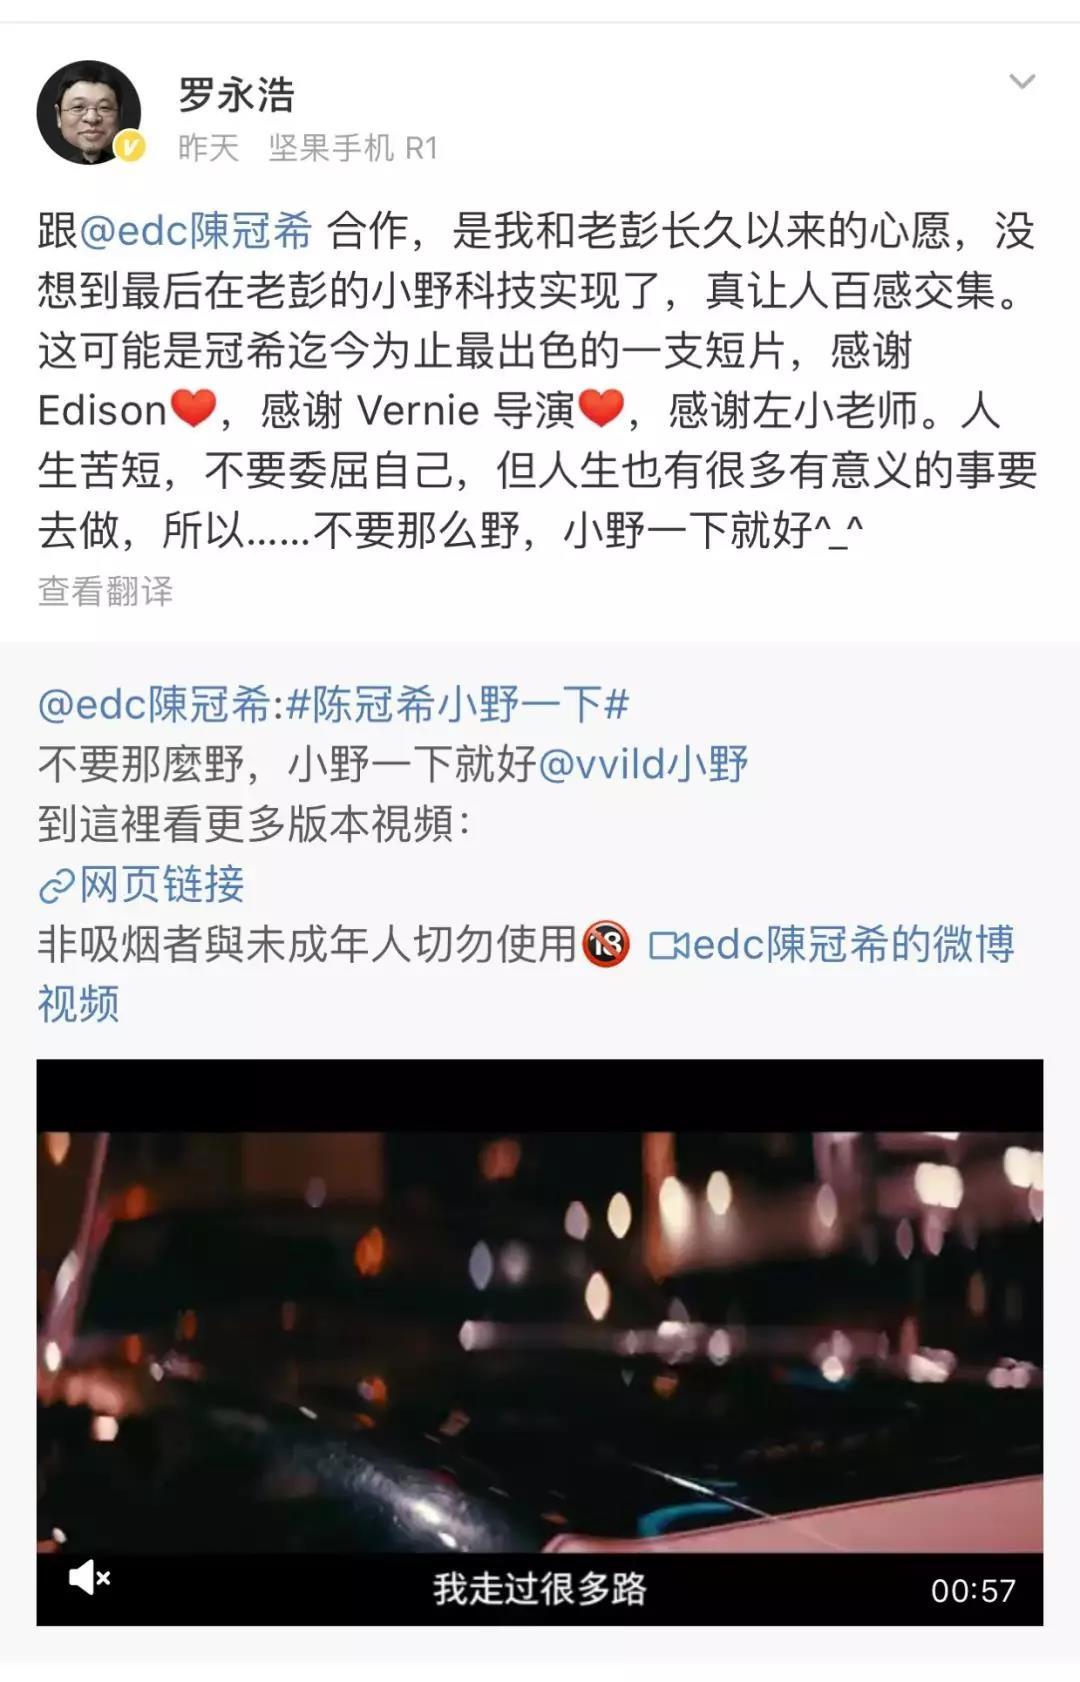 罗永浩与陈冠希合作发布代言视频广告